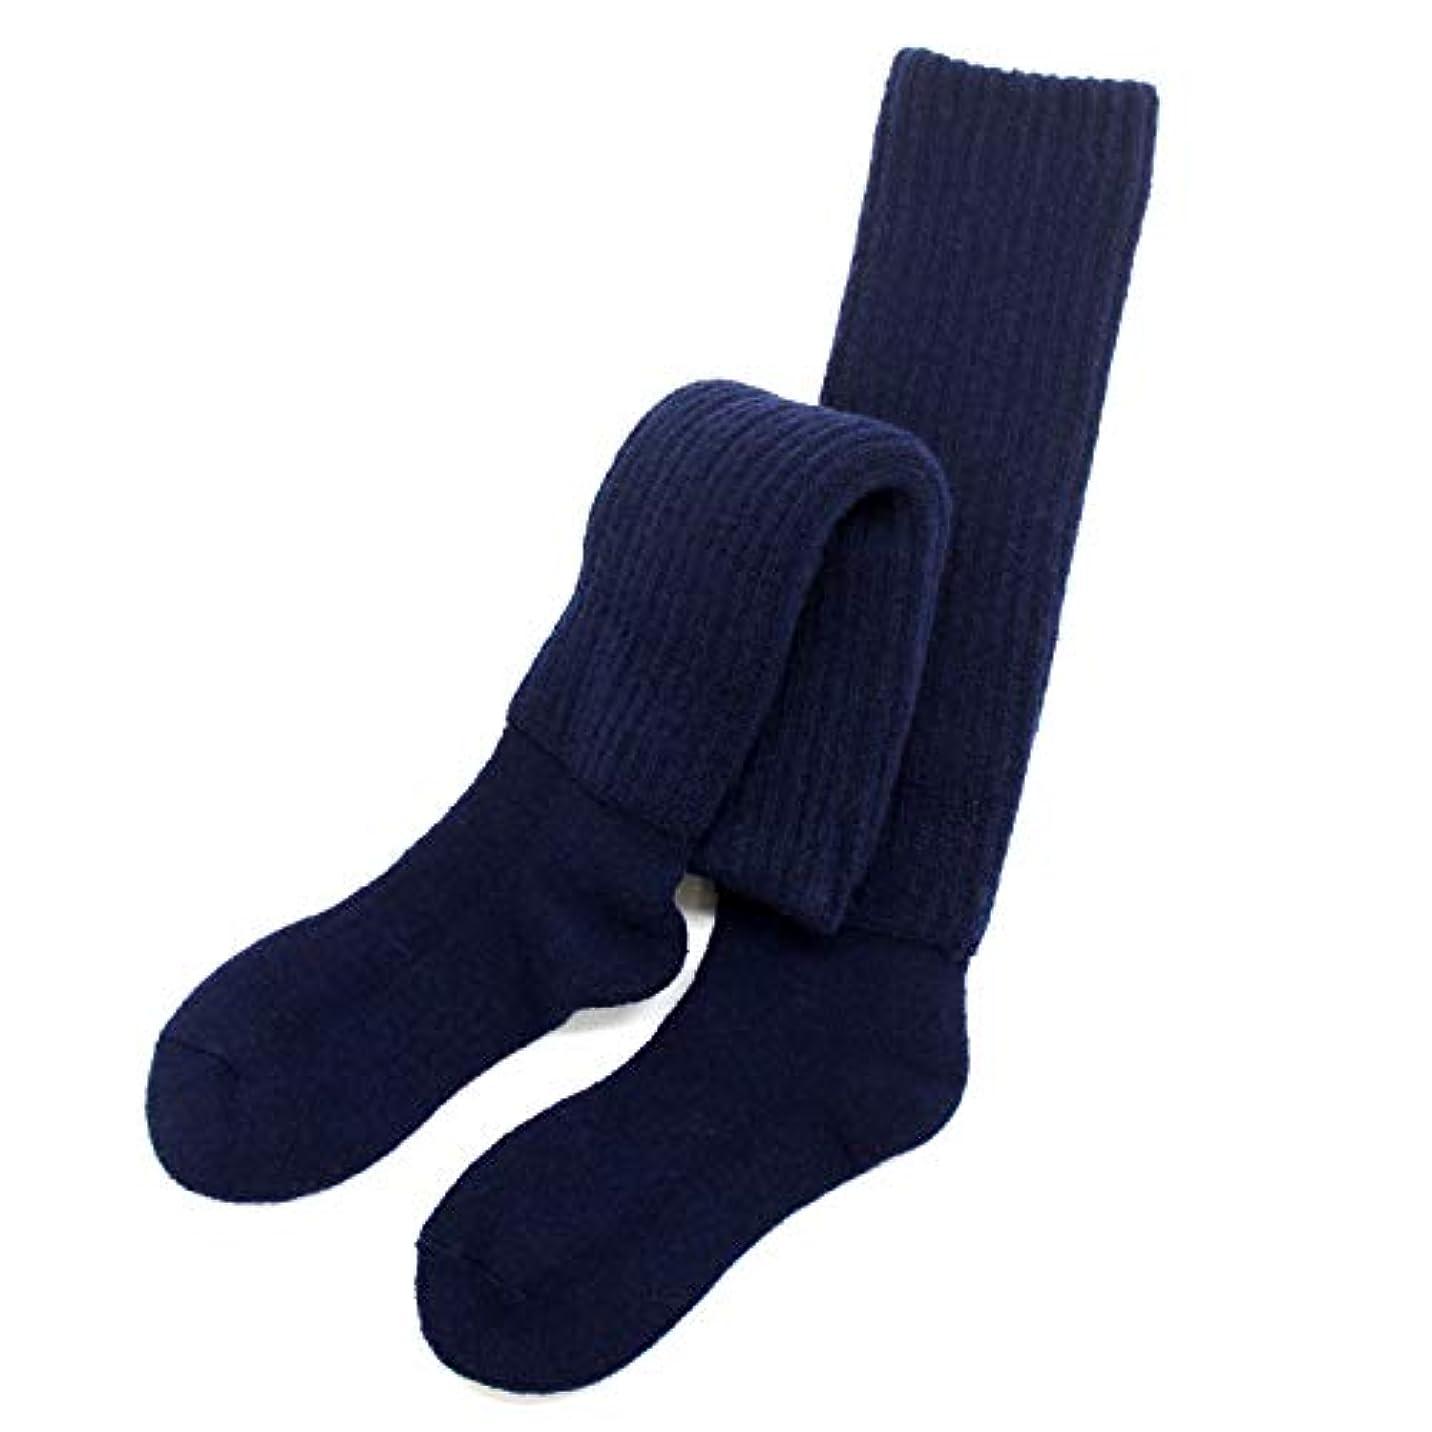 忠実にアイザックヘルメットhiorie(ヒオリエ) 日本製 冷えとり靴下 あったか 2重編み靴下 ハイソックス